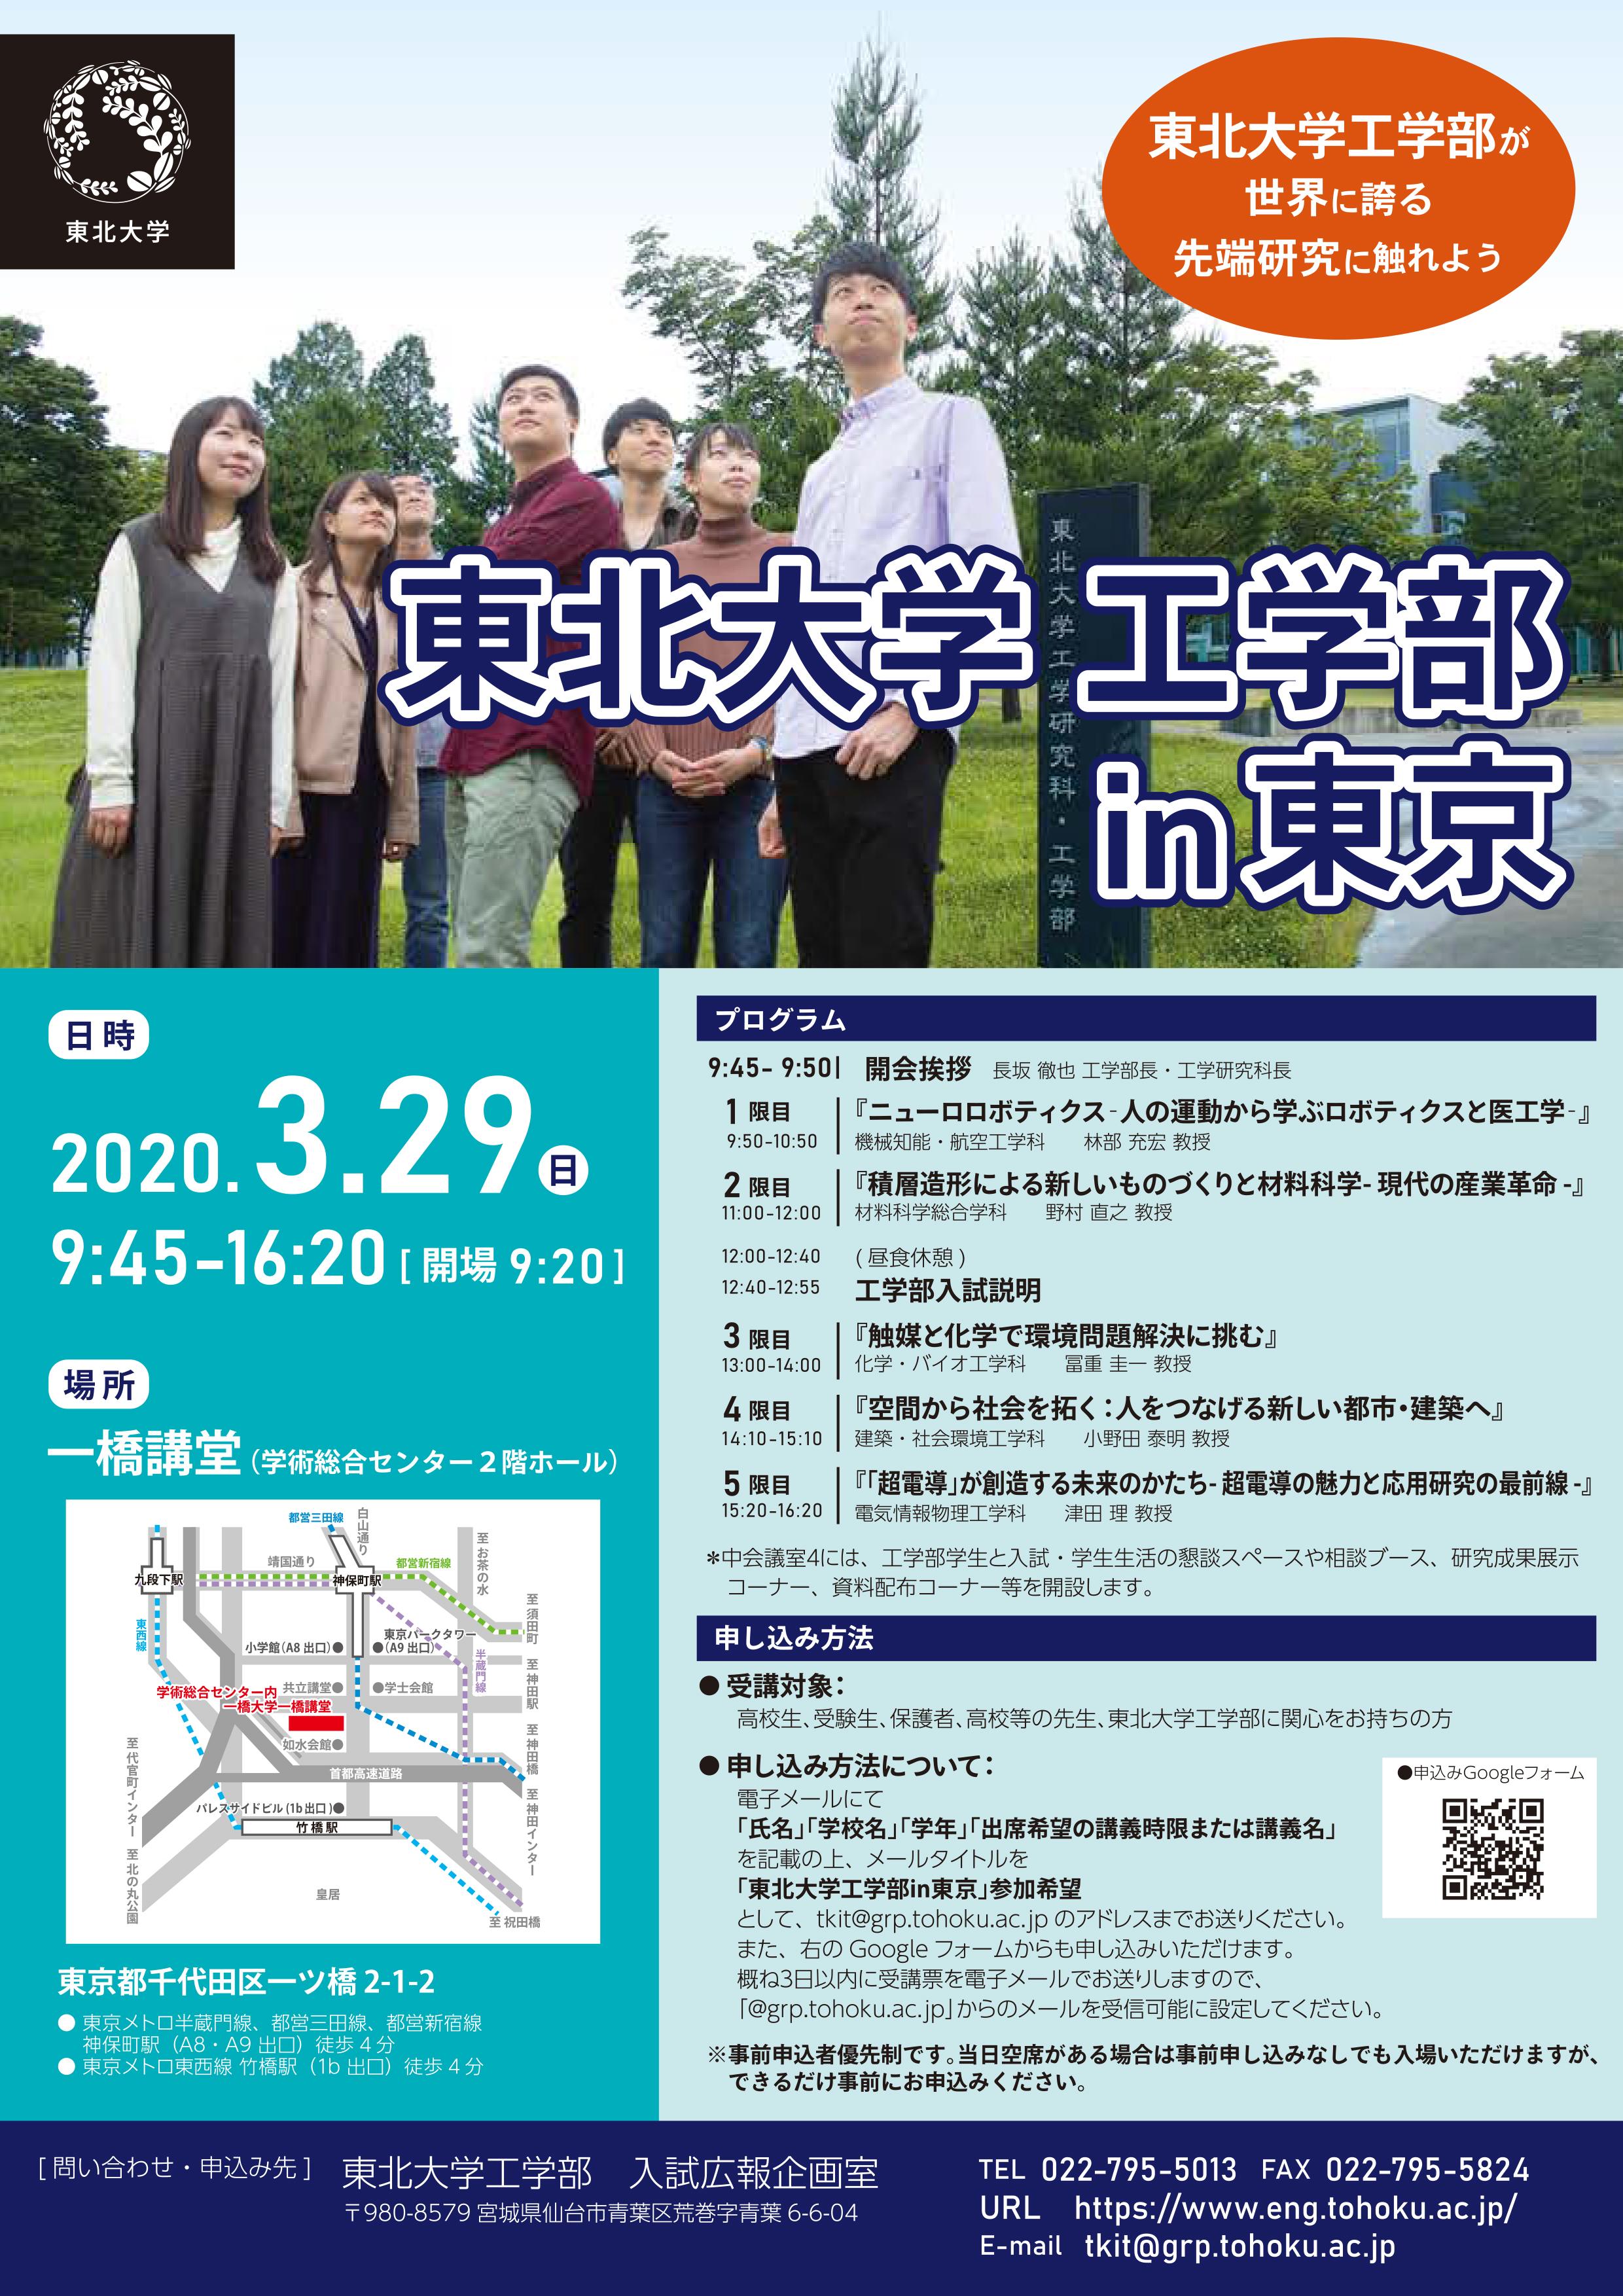 東北大学工学部が3月29日に高校生向け特別講演会「東北大学工学部 in 東京 2020」を開催